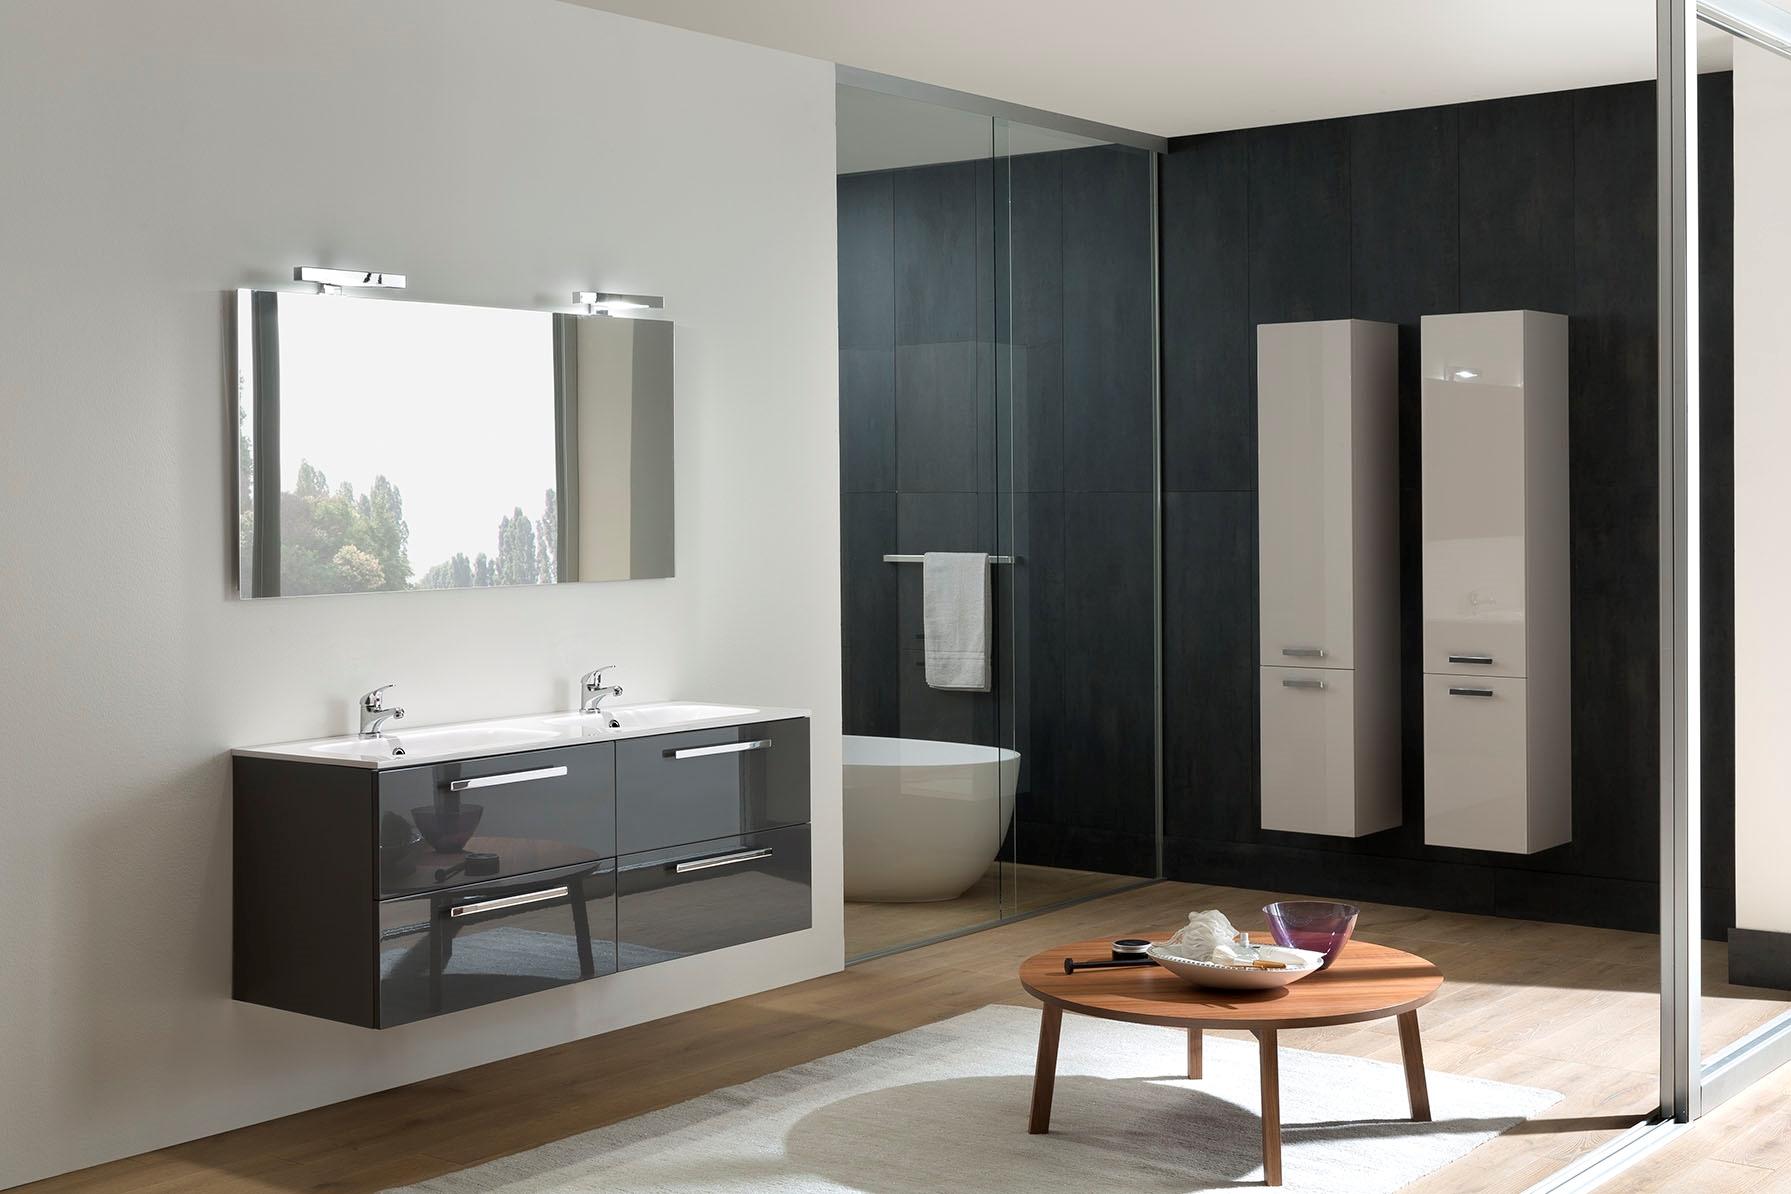 Specchio camera da letto - Lavello bagno appoggio ...